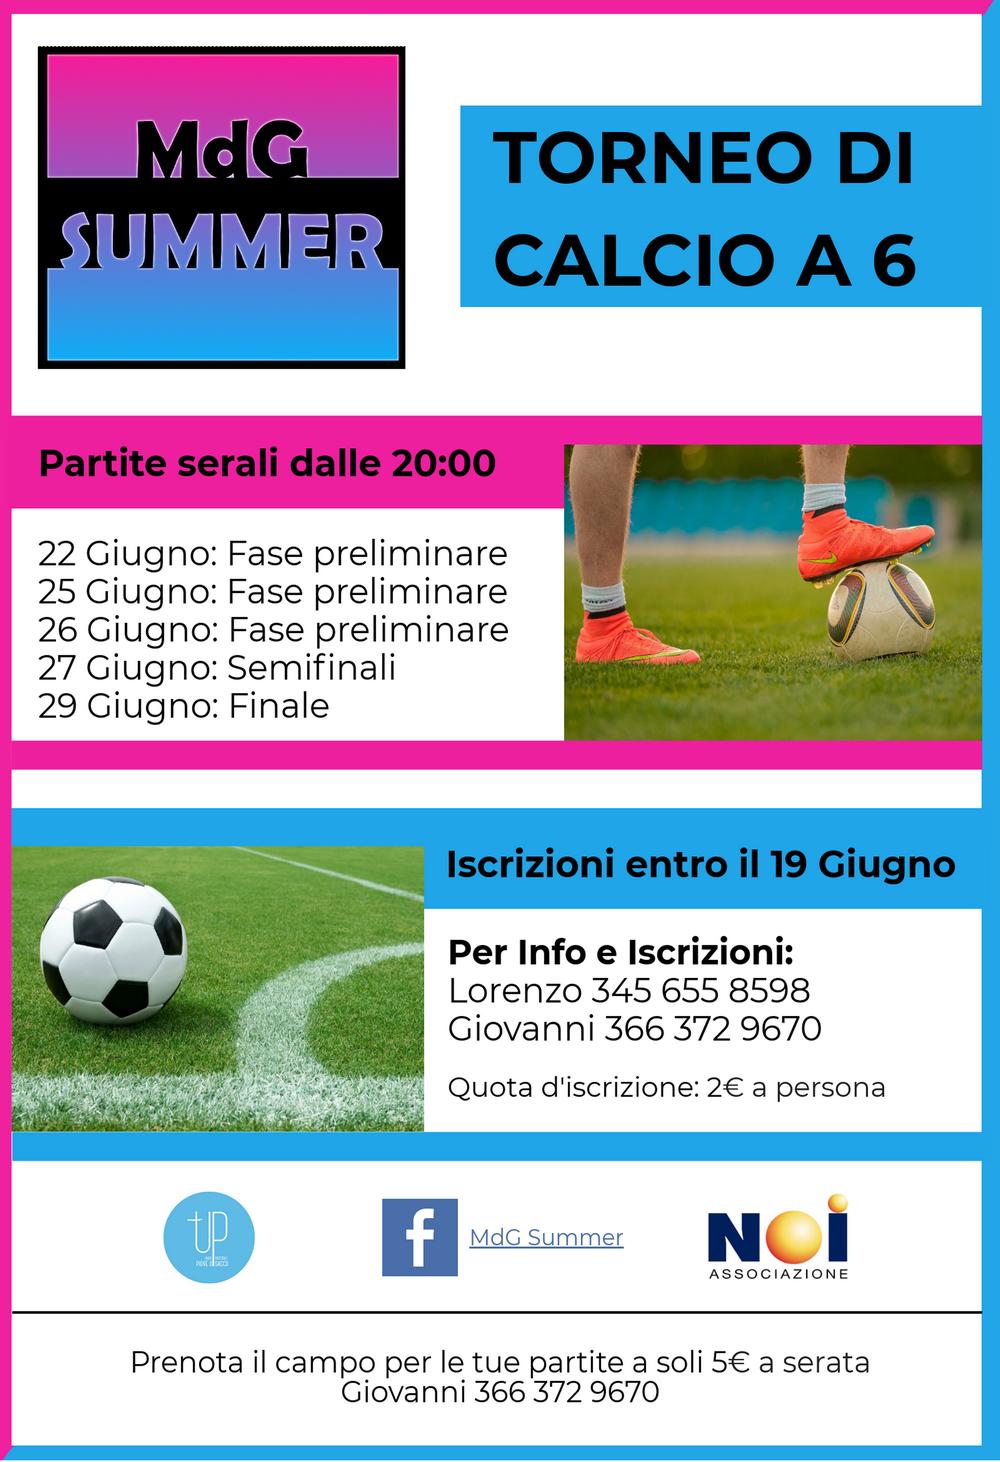 torneo-di-calcio-mdg-summer-2018-ridotto